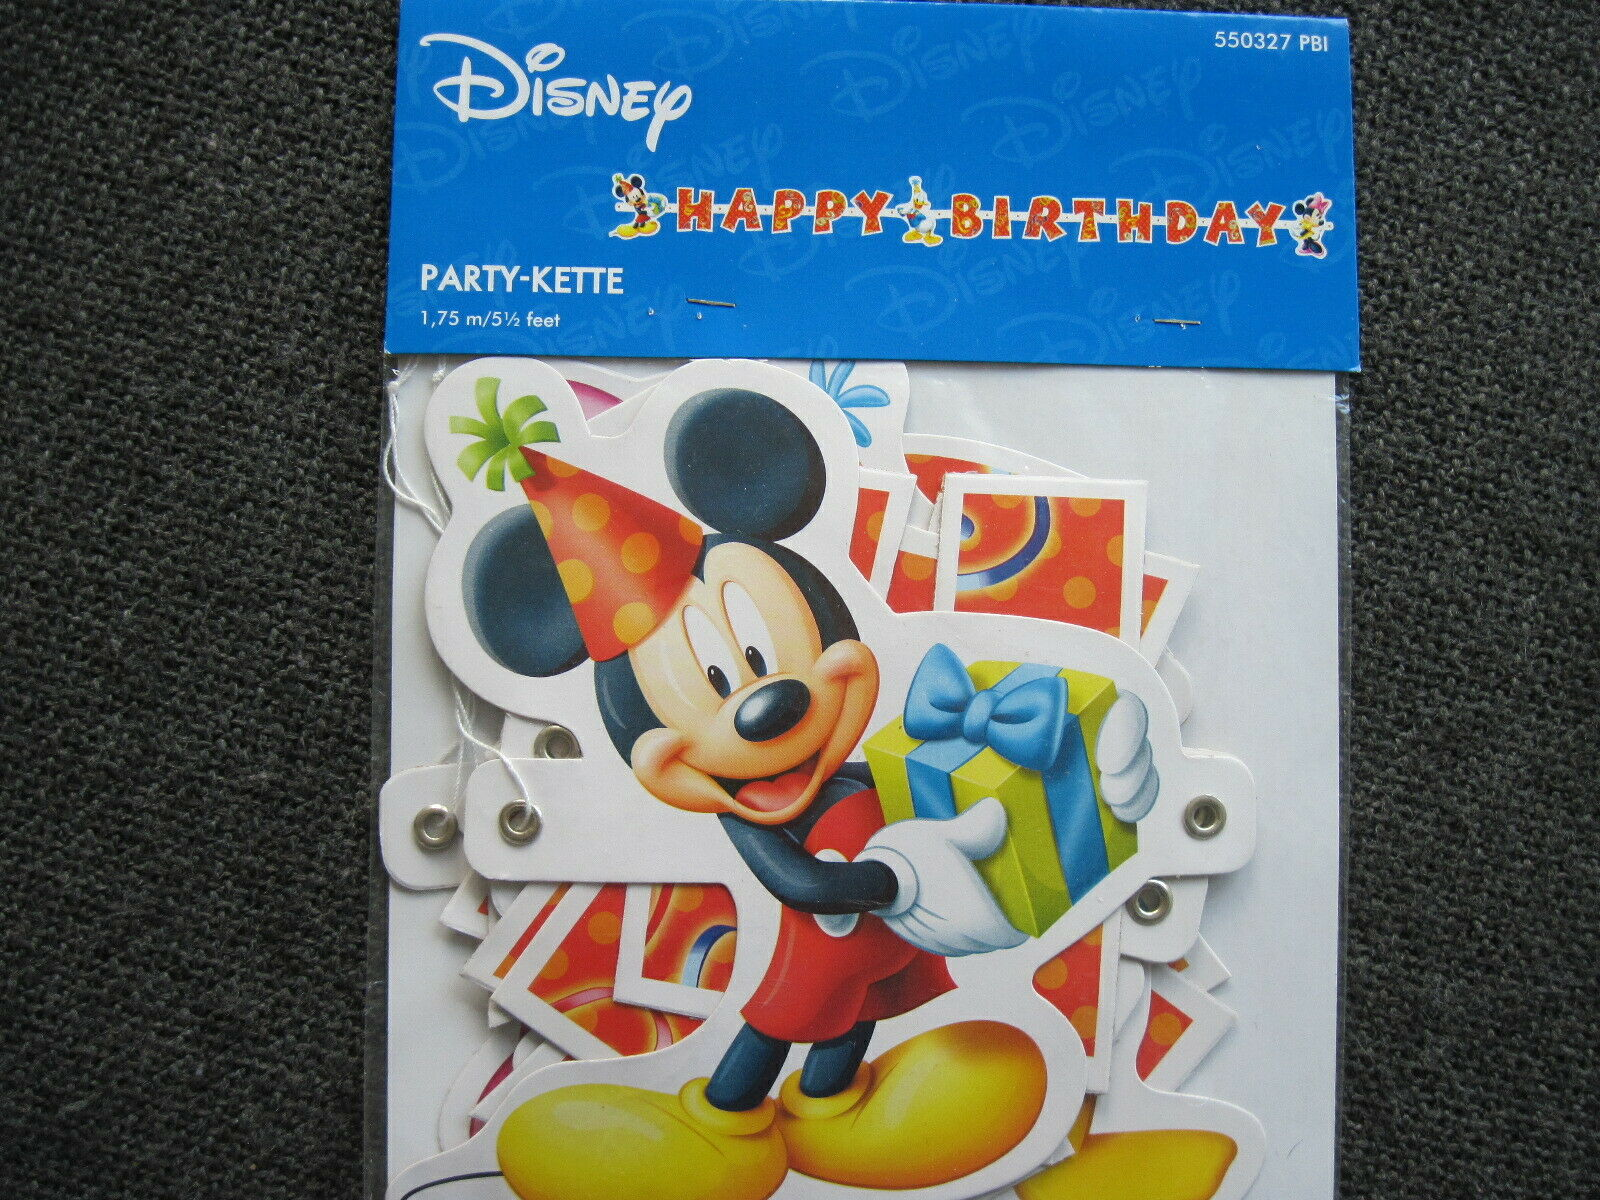 Mobel Wohnen 71cm Disney Micky Maus Prinzessin Happy Birthday Kindergeburtstag Defekt B Ware Ballons